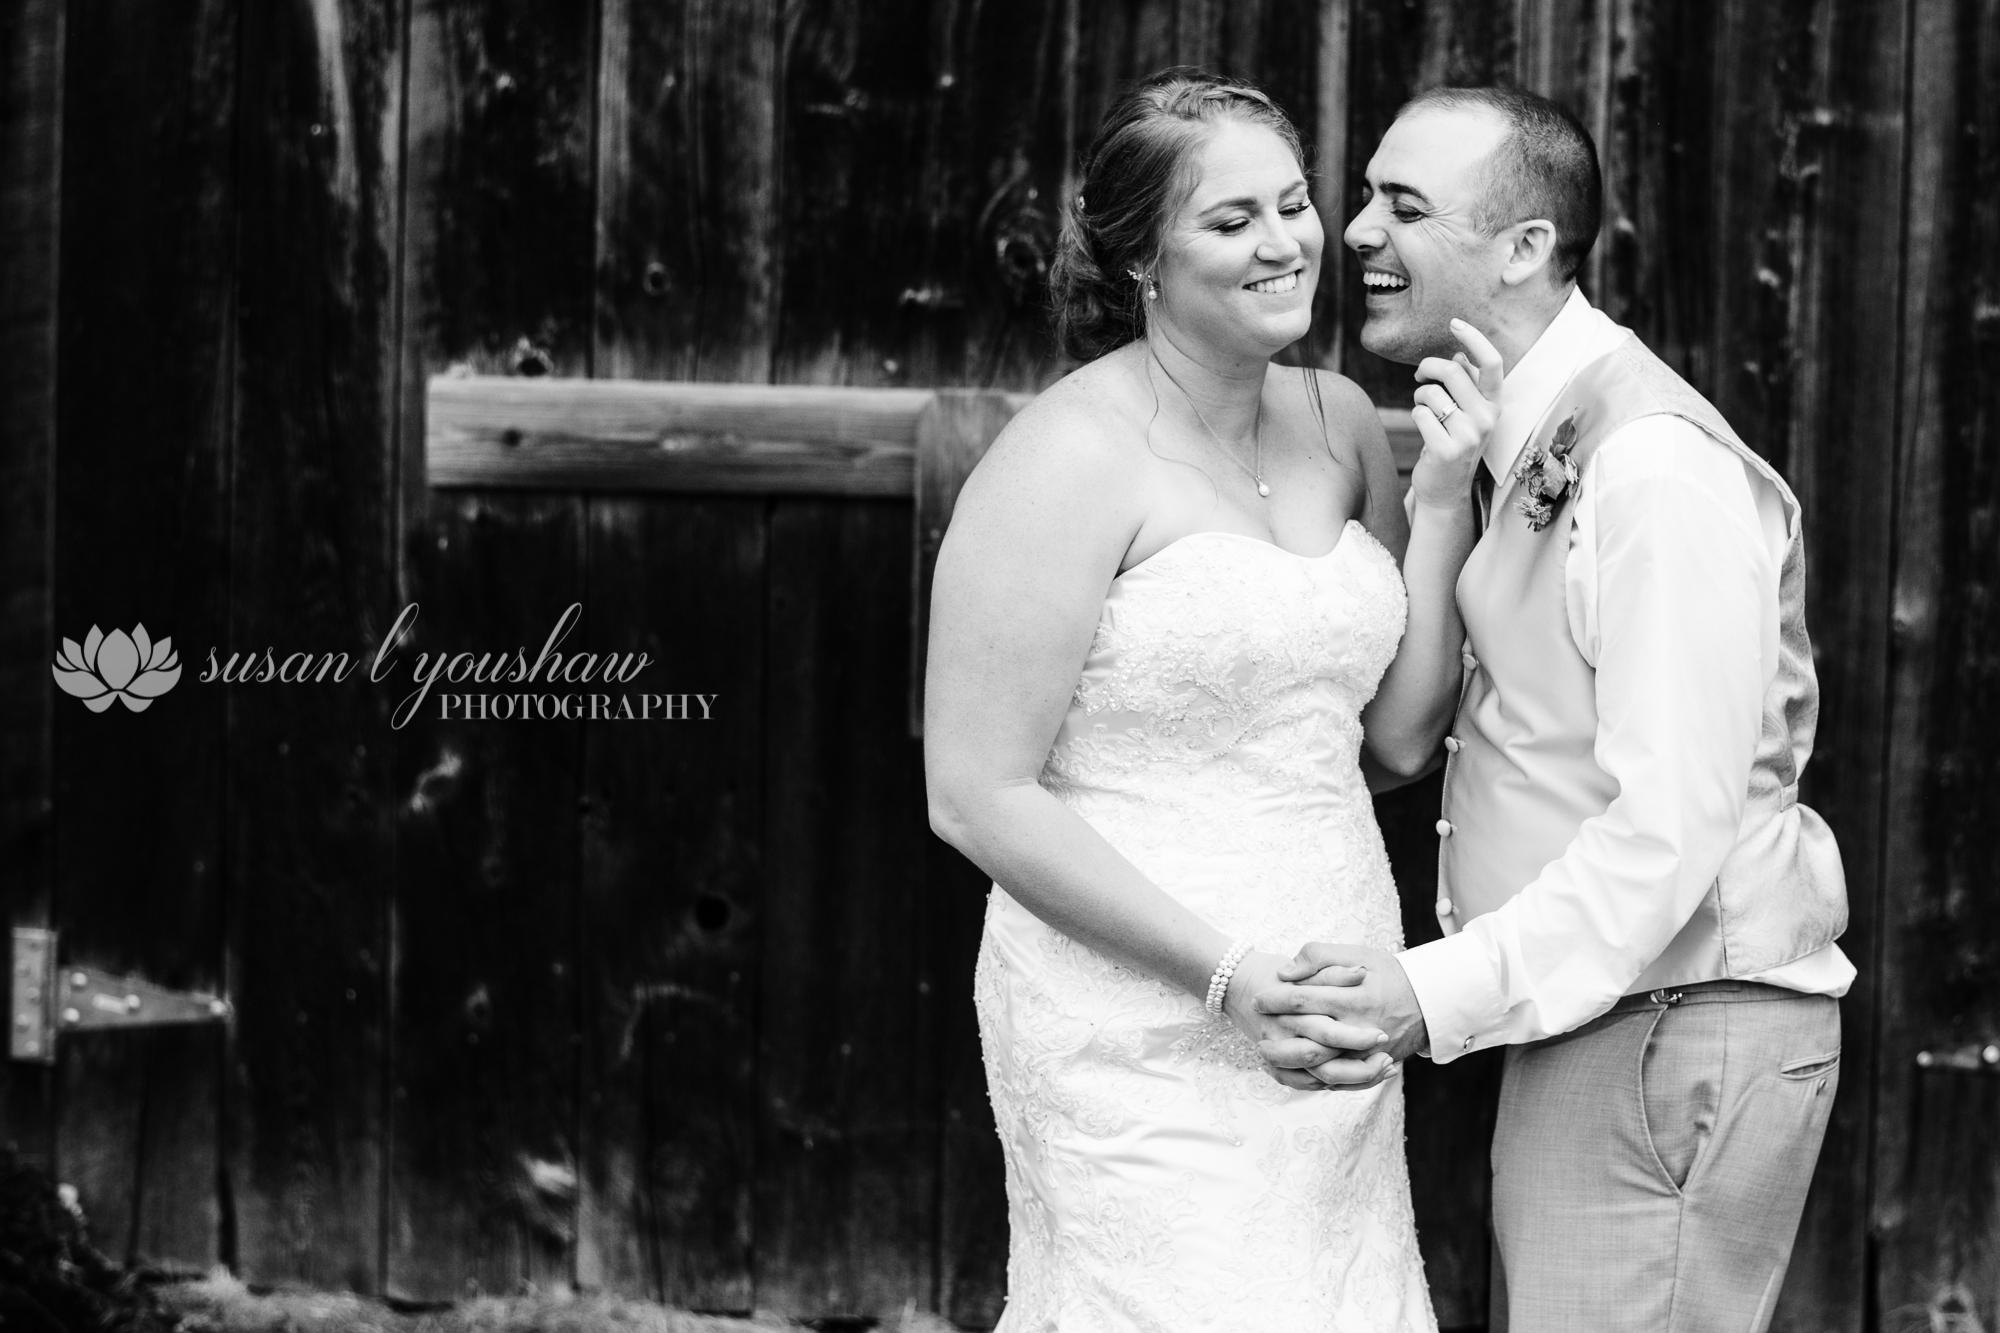 Erin and Jason Wedding Photos 07-06-2019 SLY Photography-157.jpg